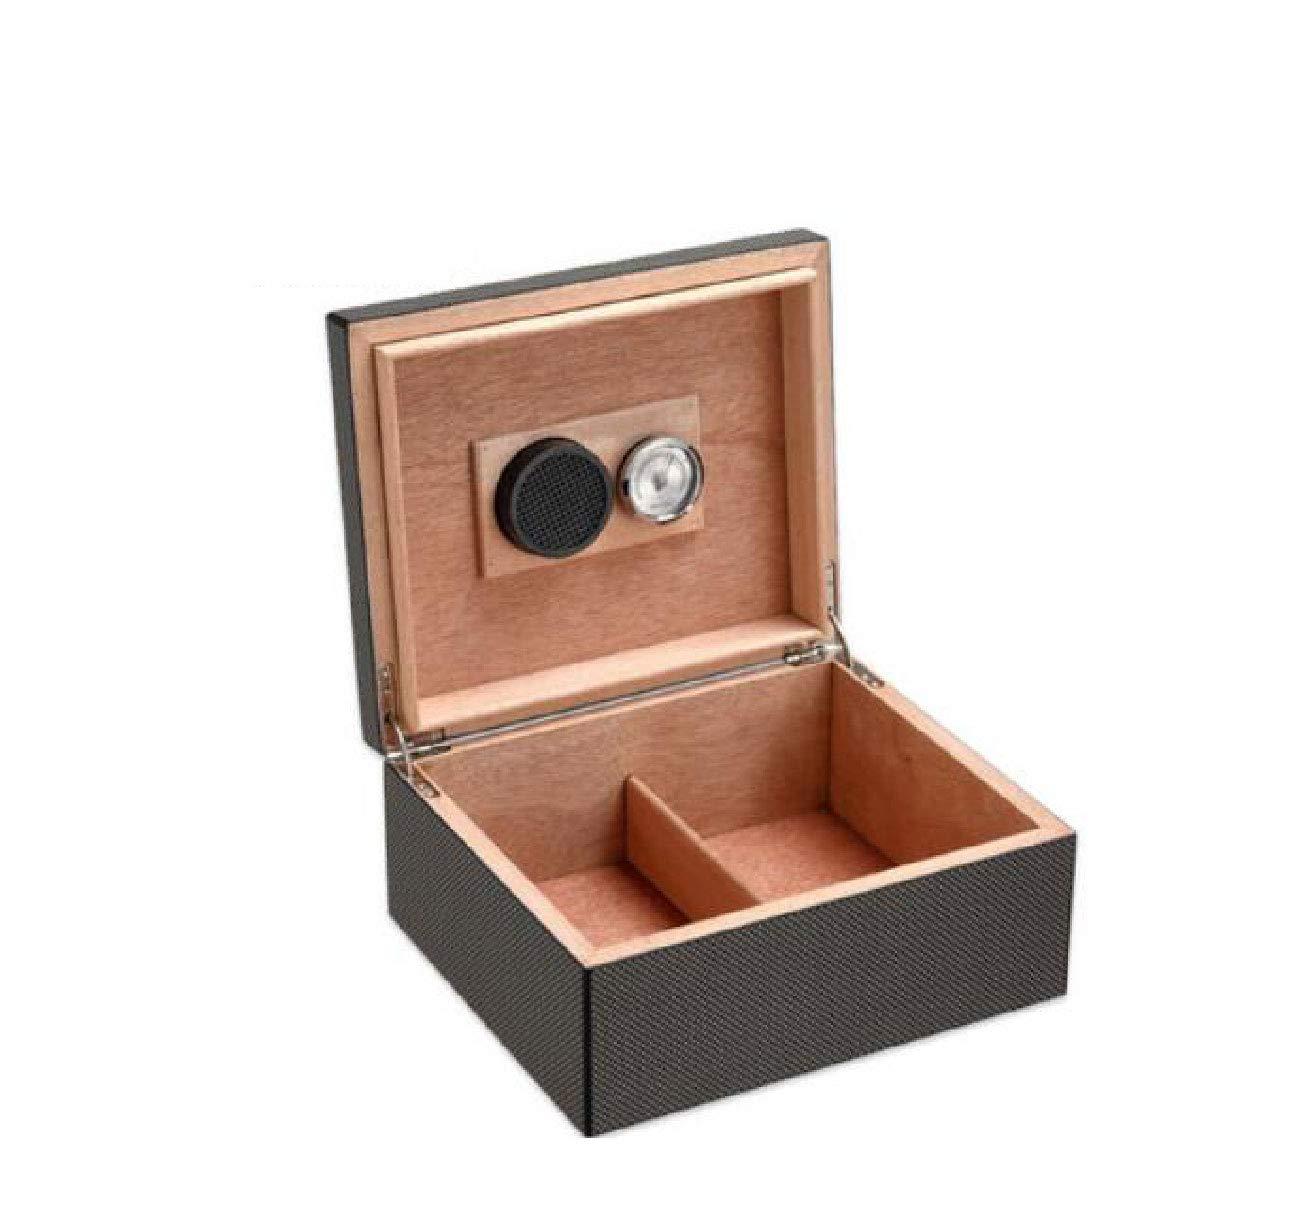 シガーケースシガーカッター大容量の灰皿と杉を設定まろやかな葉巻ボックスの杉の木箱大容量の保湿保湿キャビネットまろやかなシガーボックス B07K18SNRS